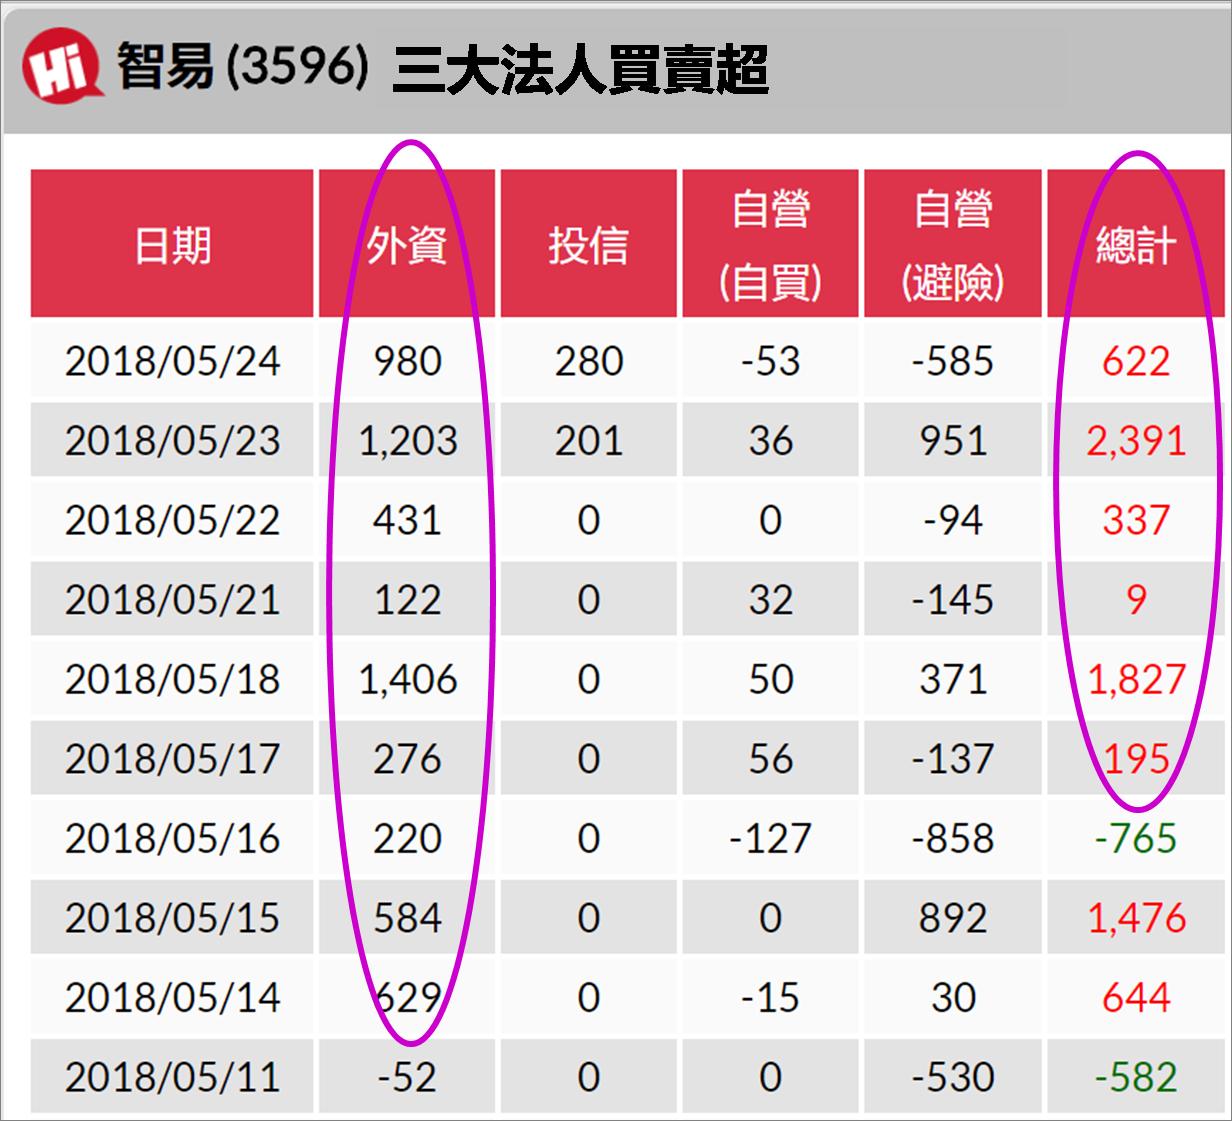 宅媽的股票大數據資料庫_20180525 (更新標題)